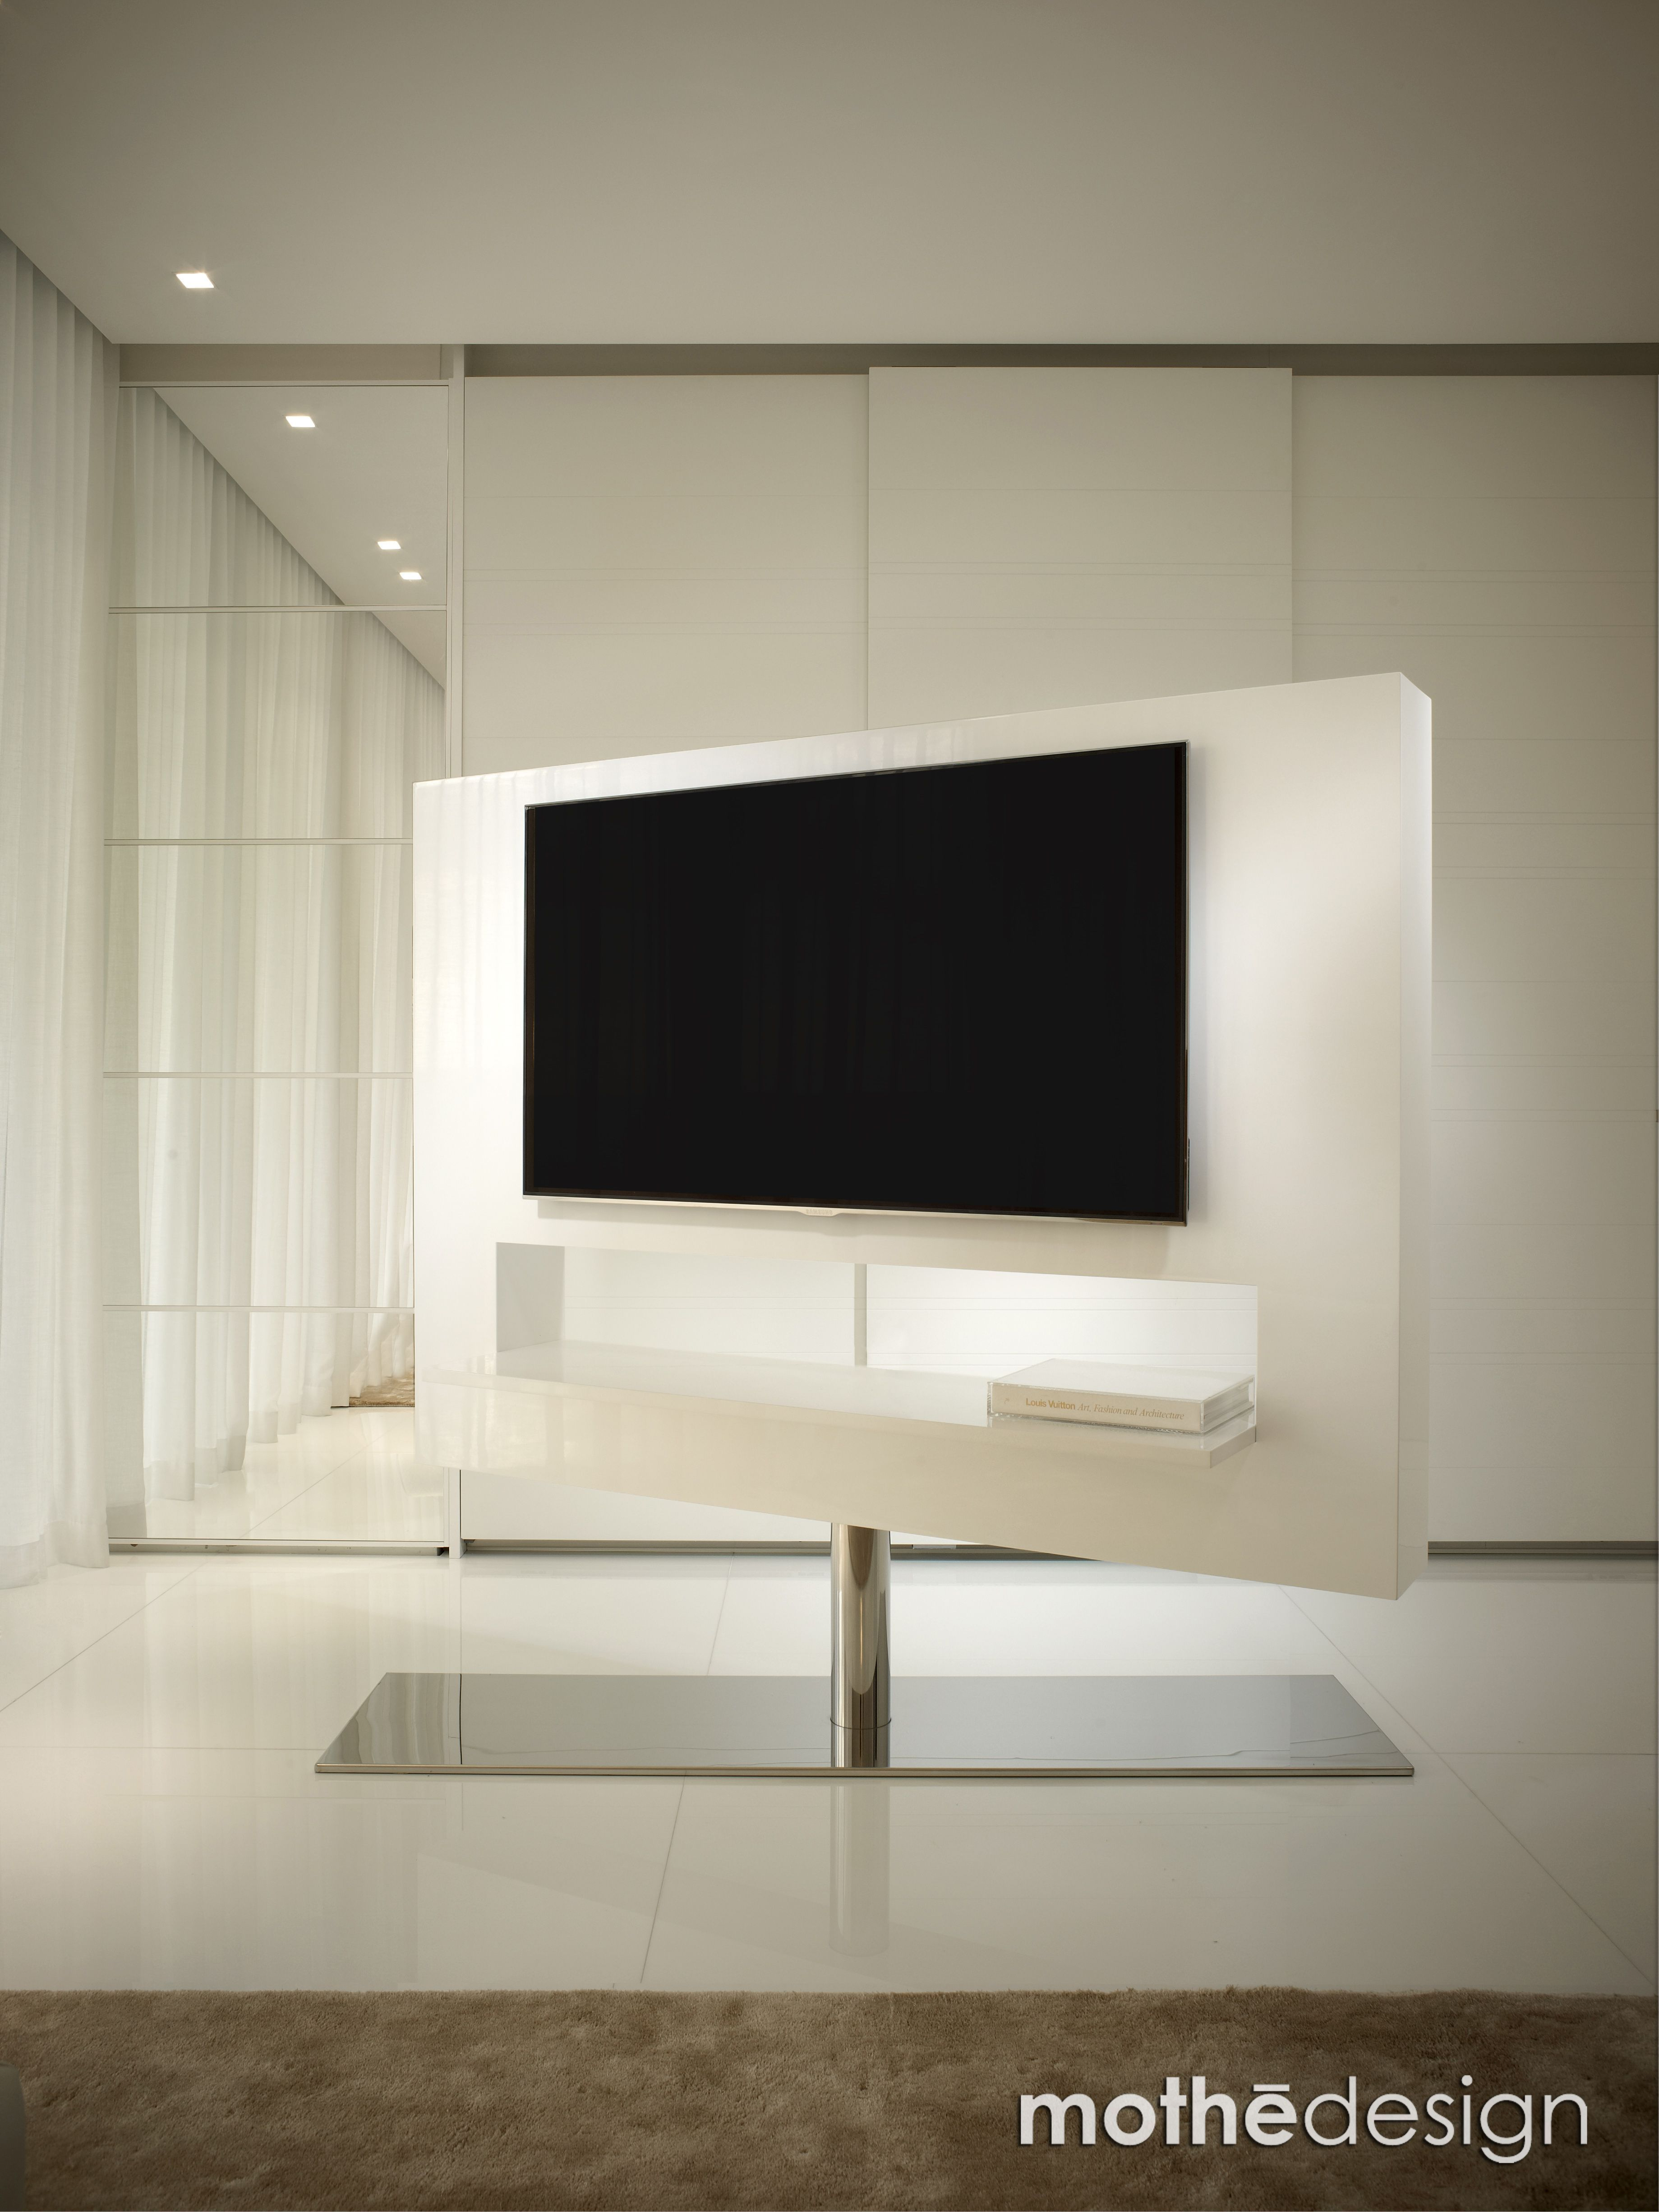 Fernseher freistehend #wandgestaltung Fernseher  Tv möbel